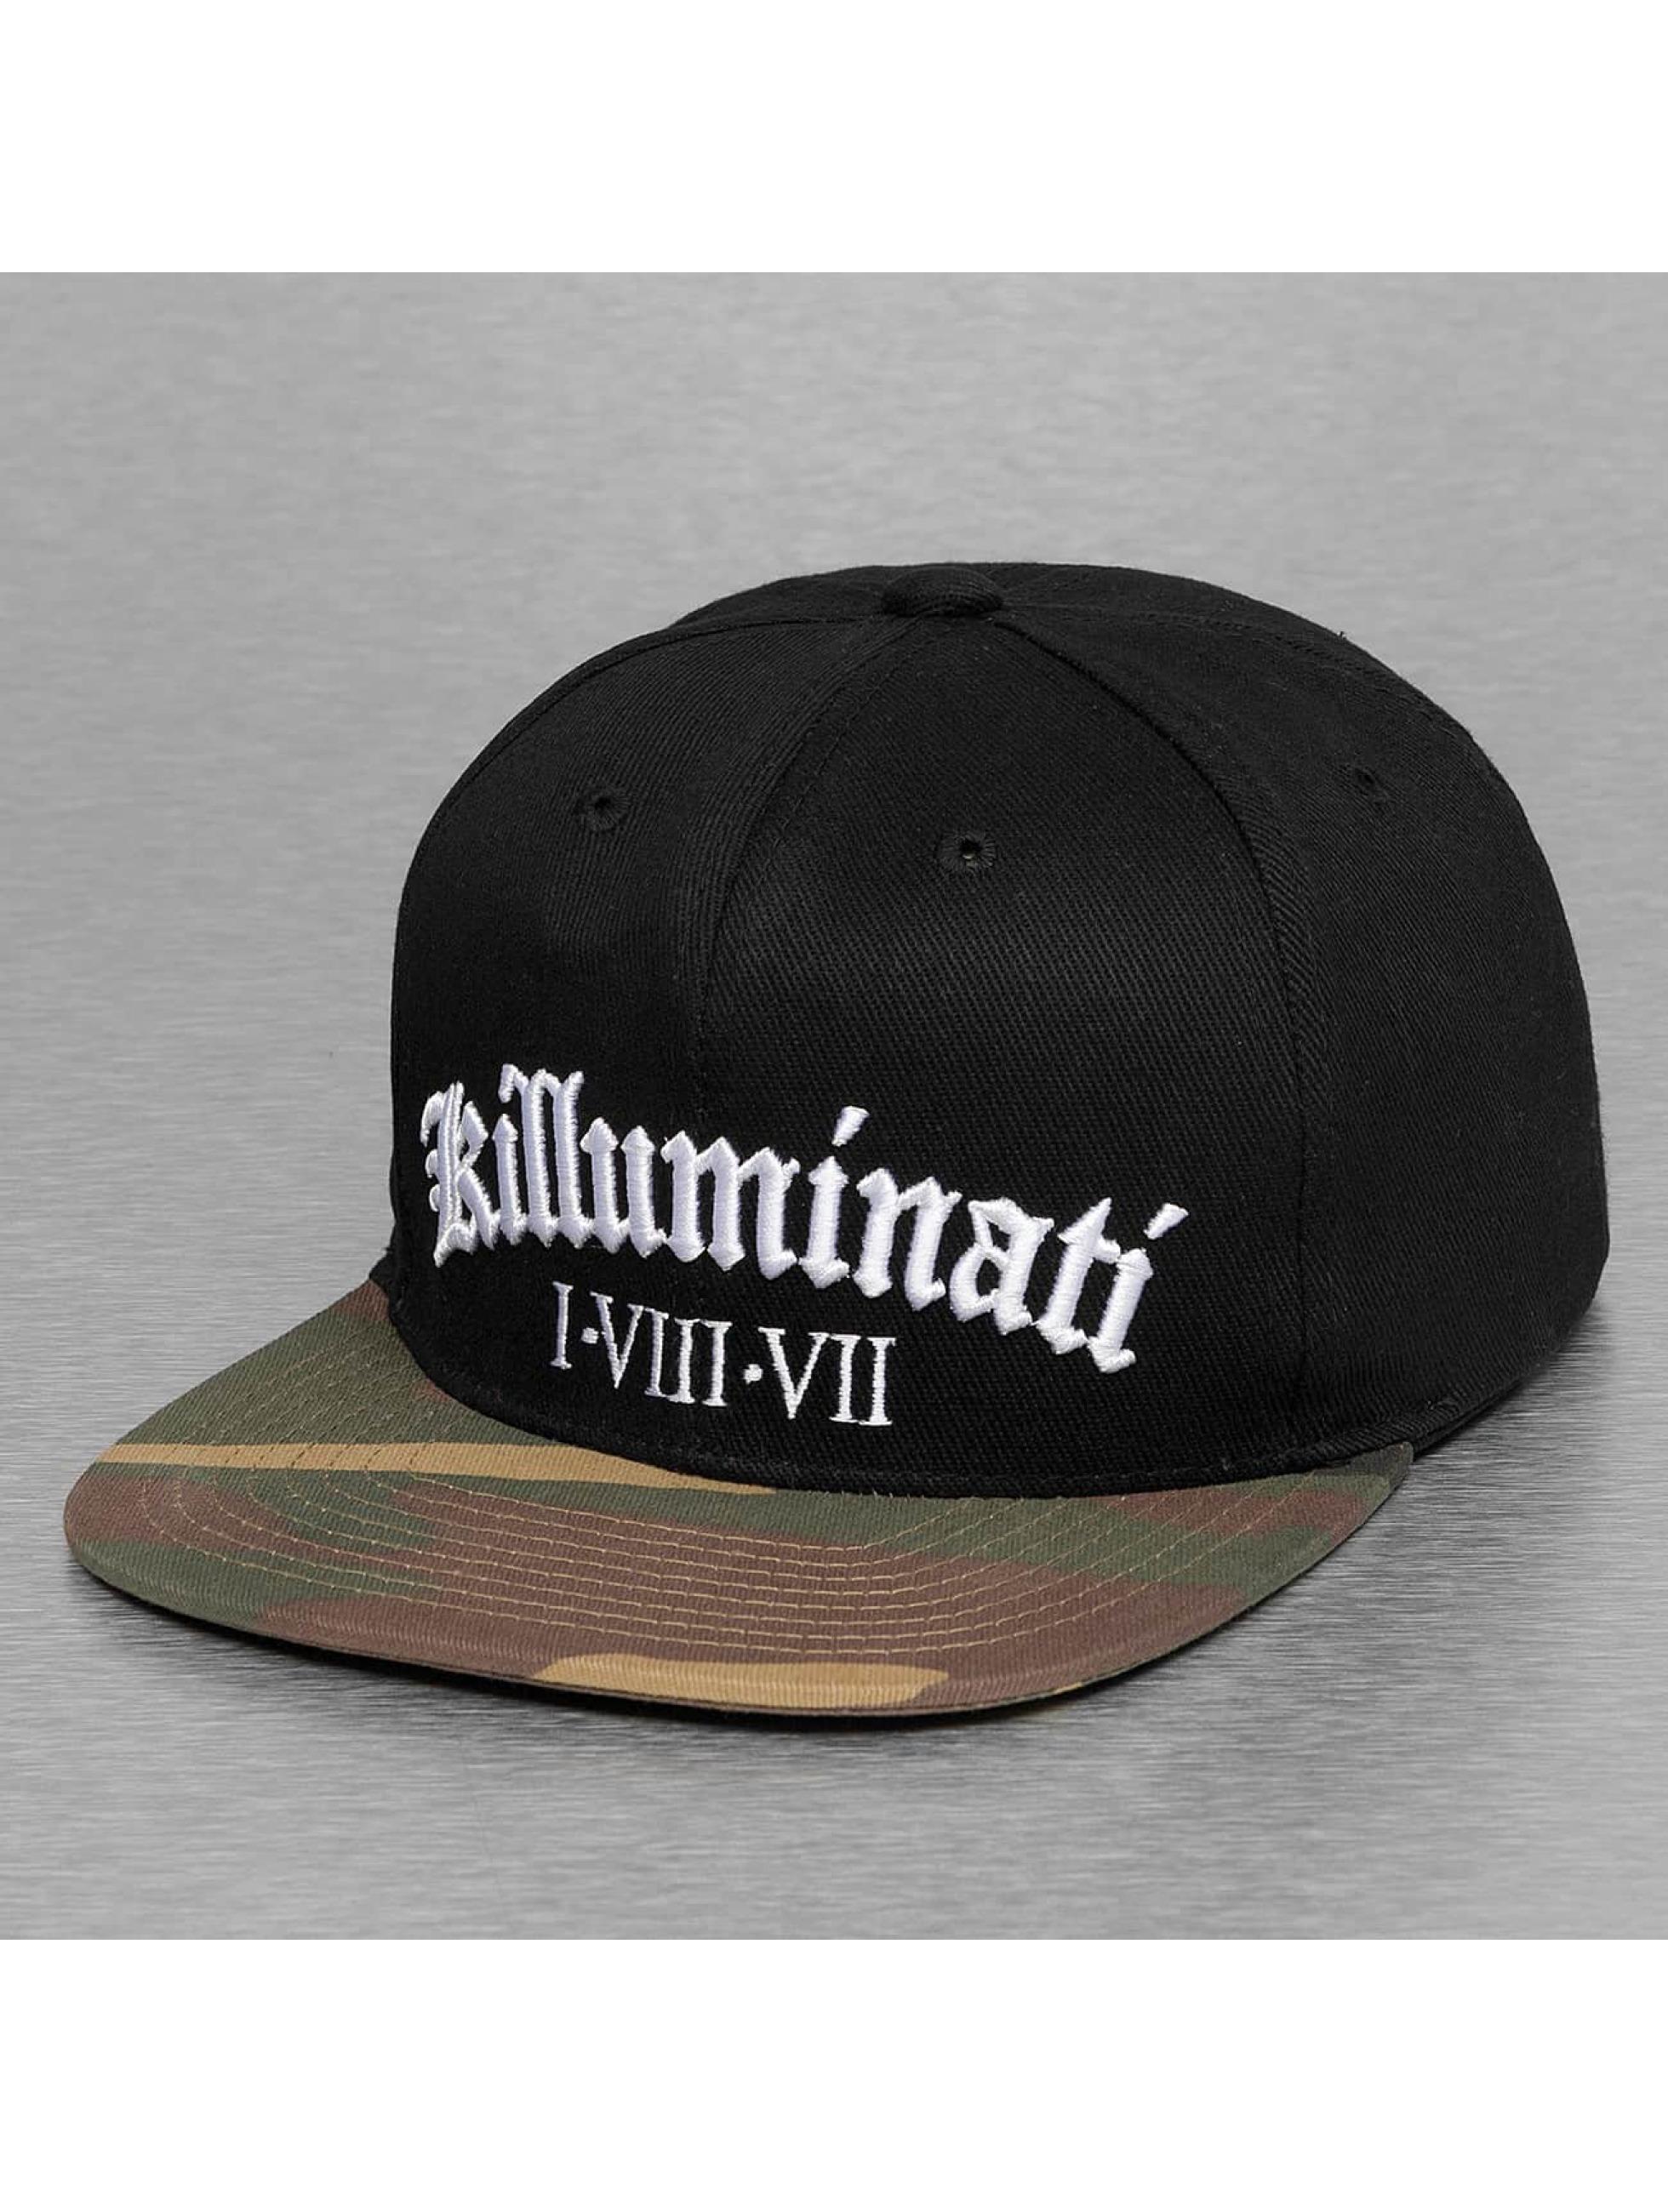 Thug Life Кепка с застёжкой killuminati черный